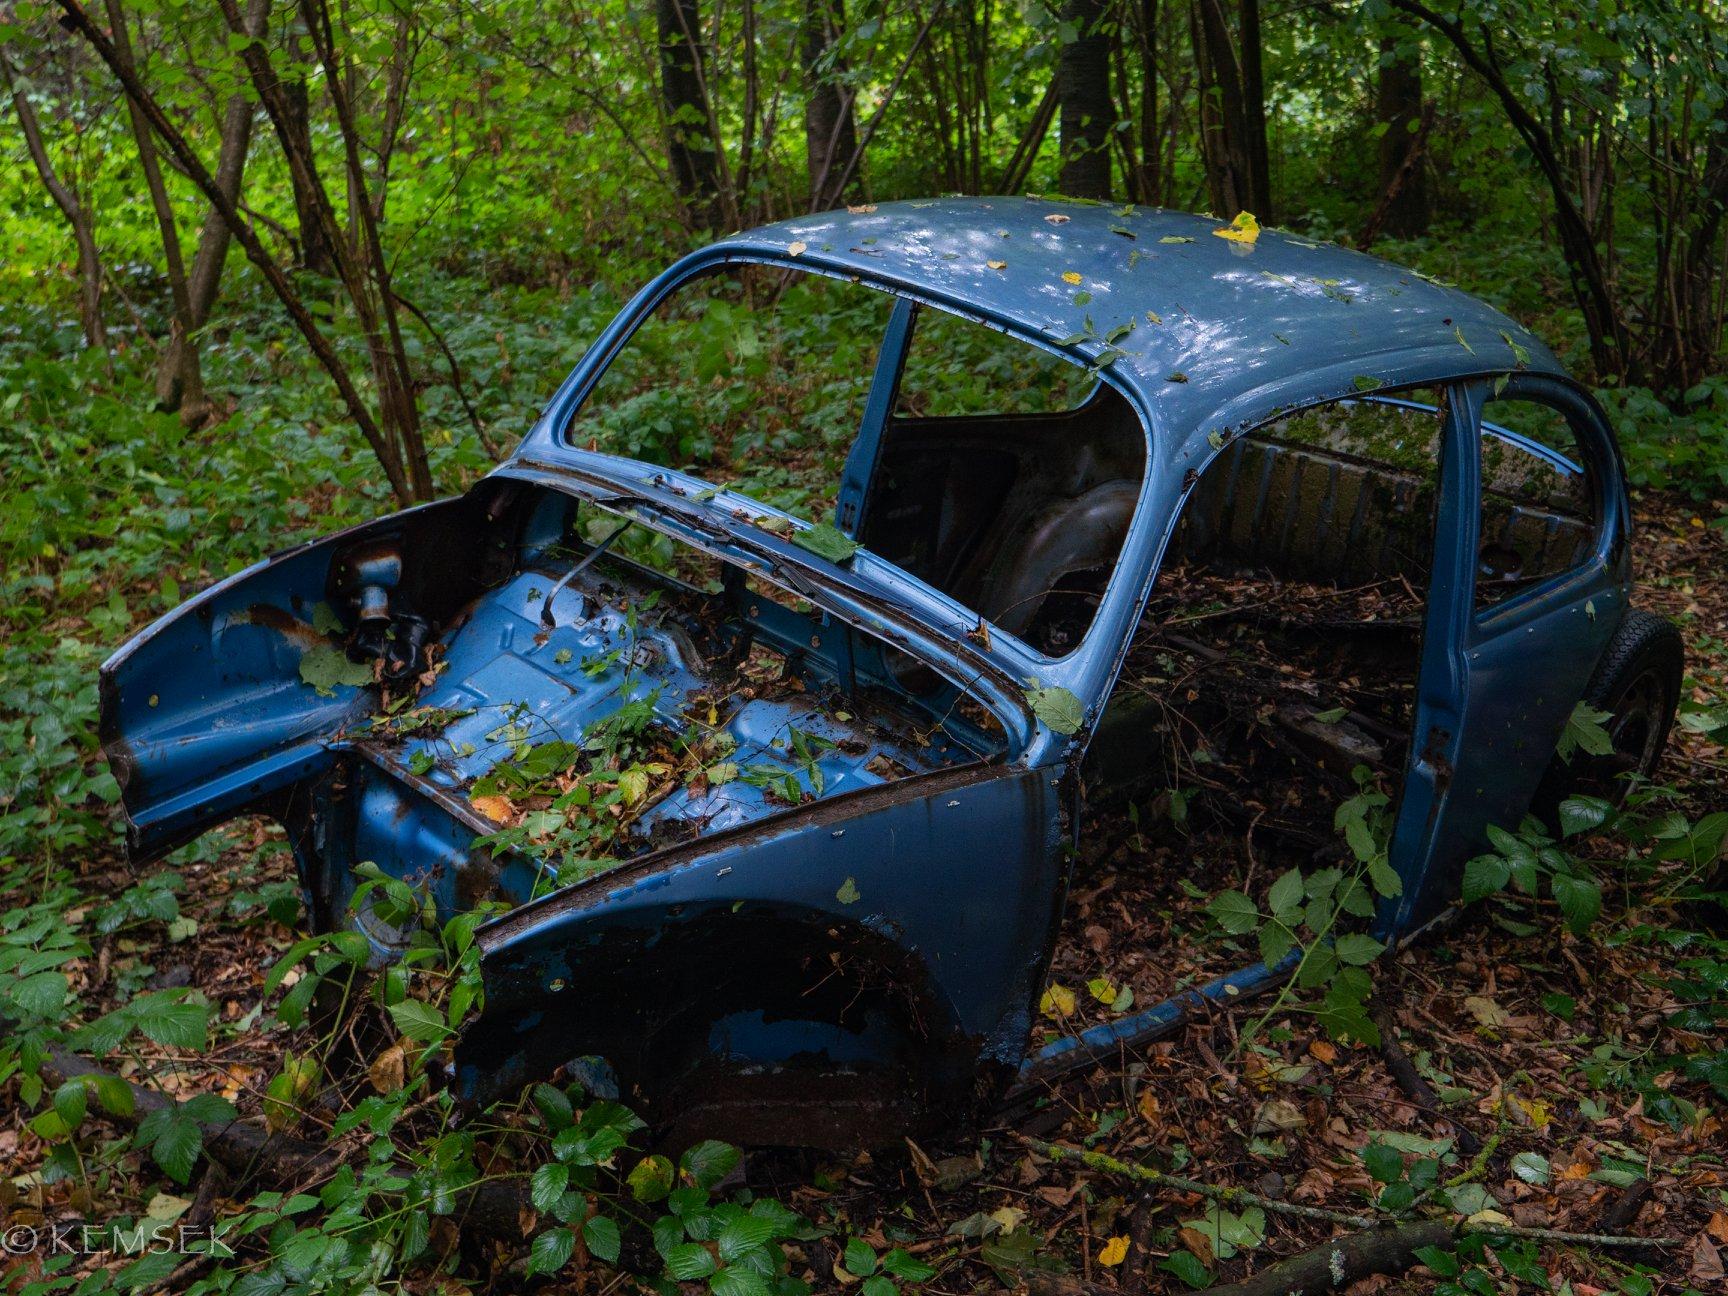 VW-in-rust-15